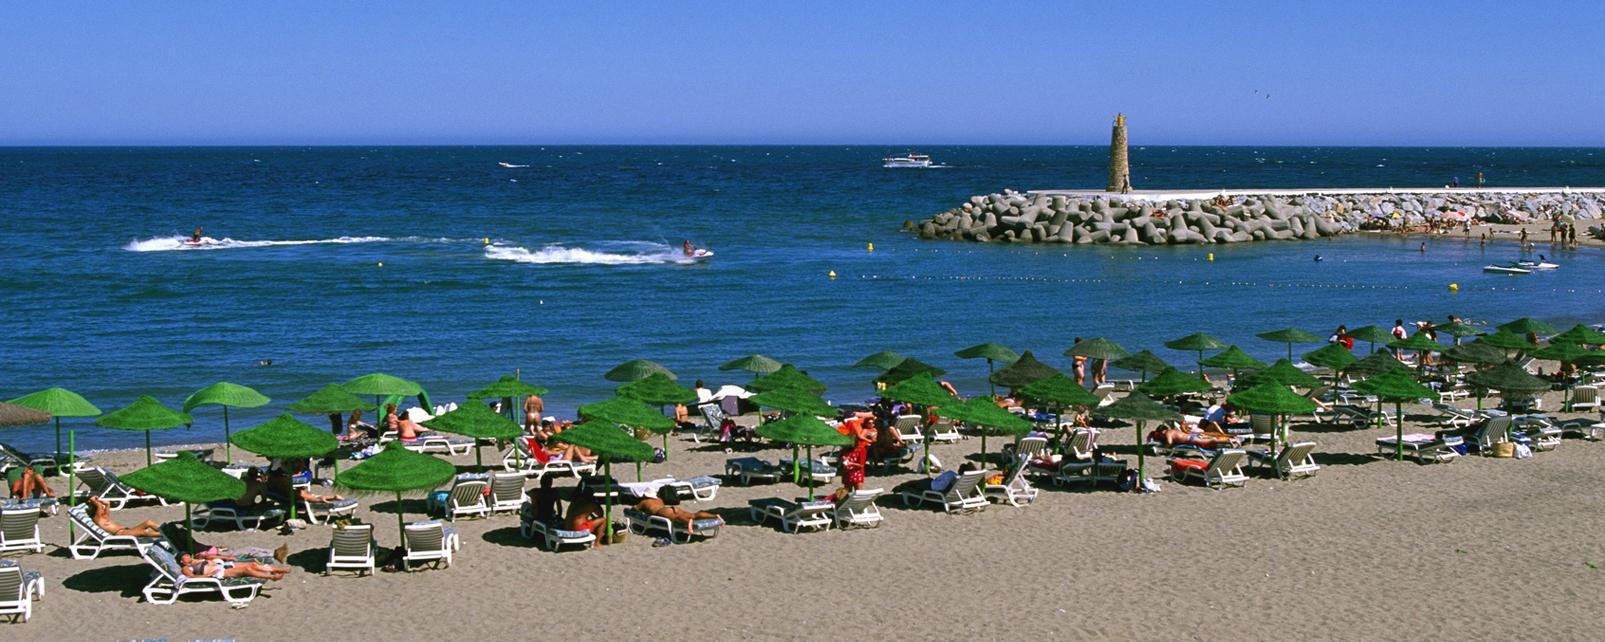 Fiesta en la costa santafesina p8 3